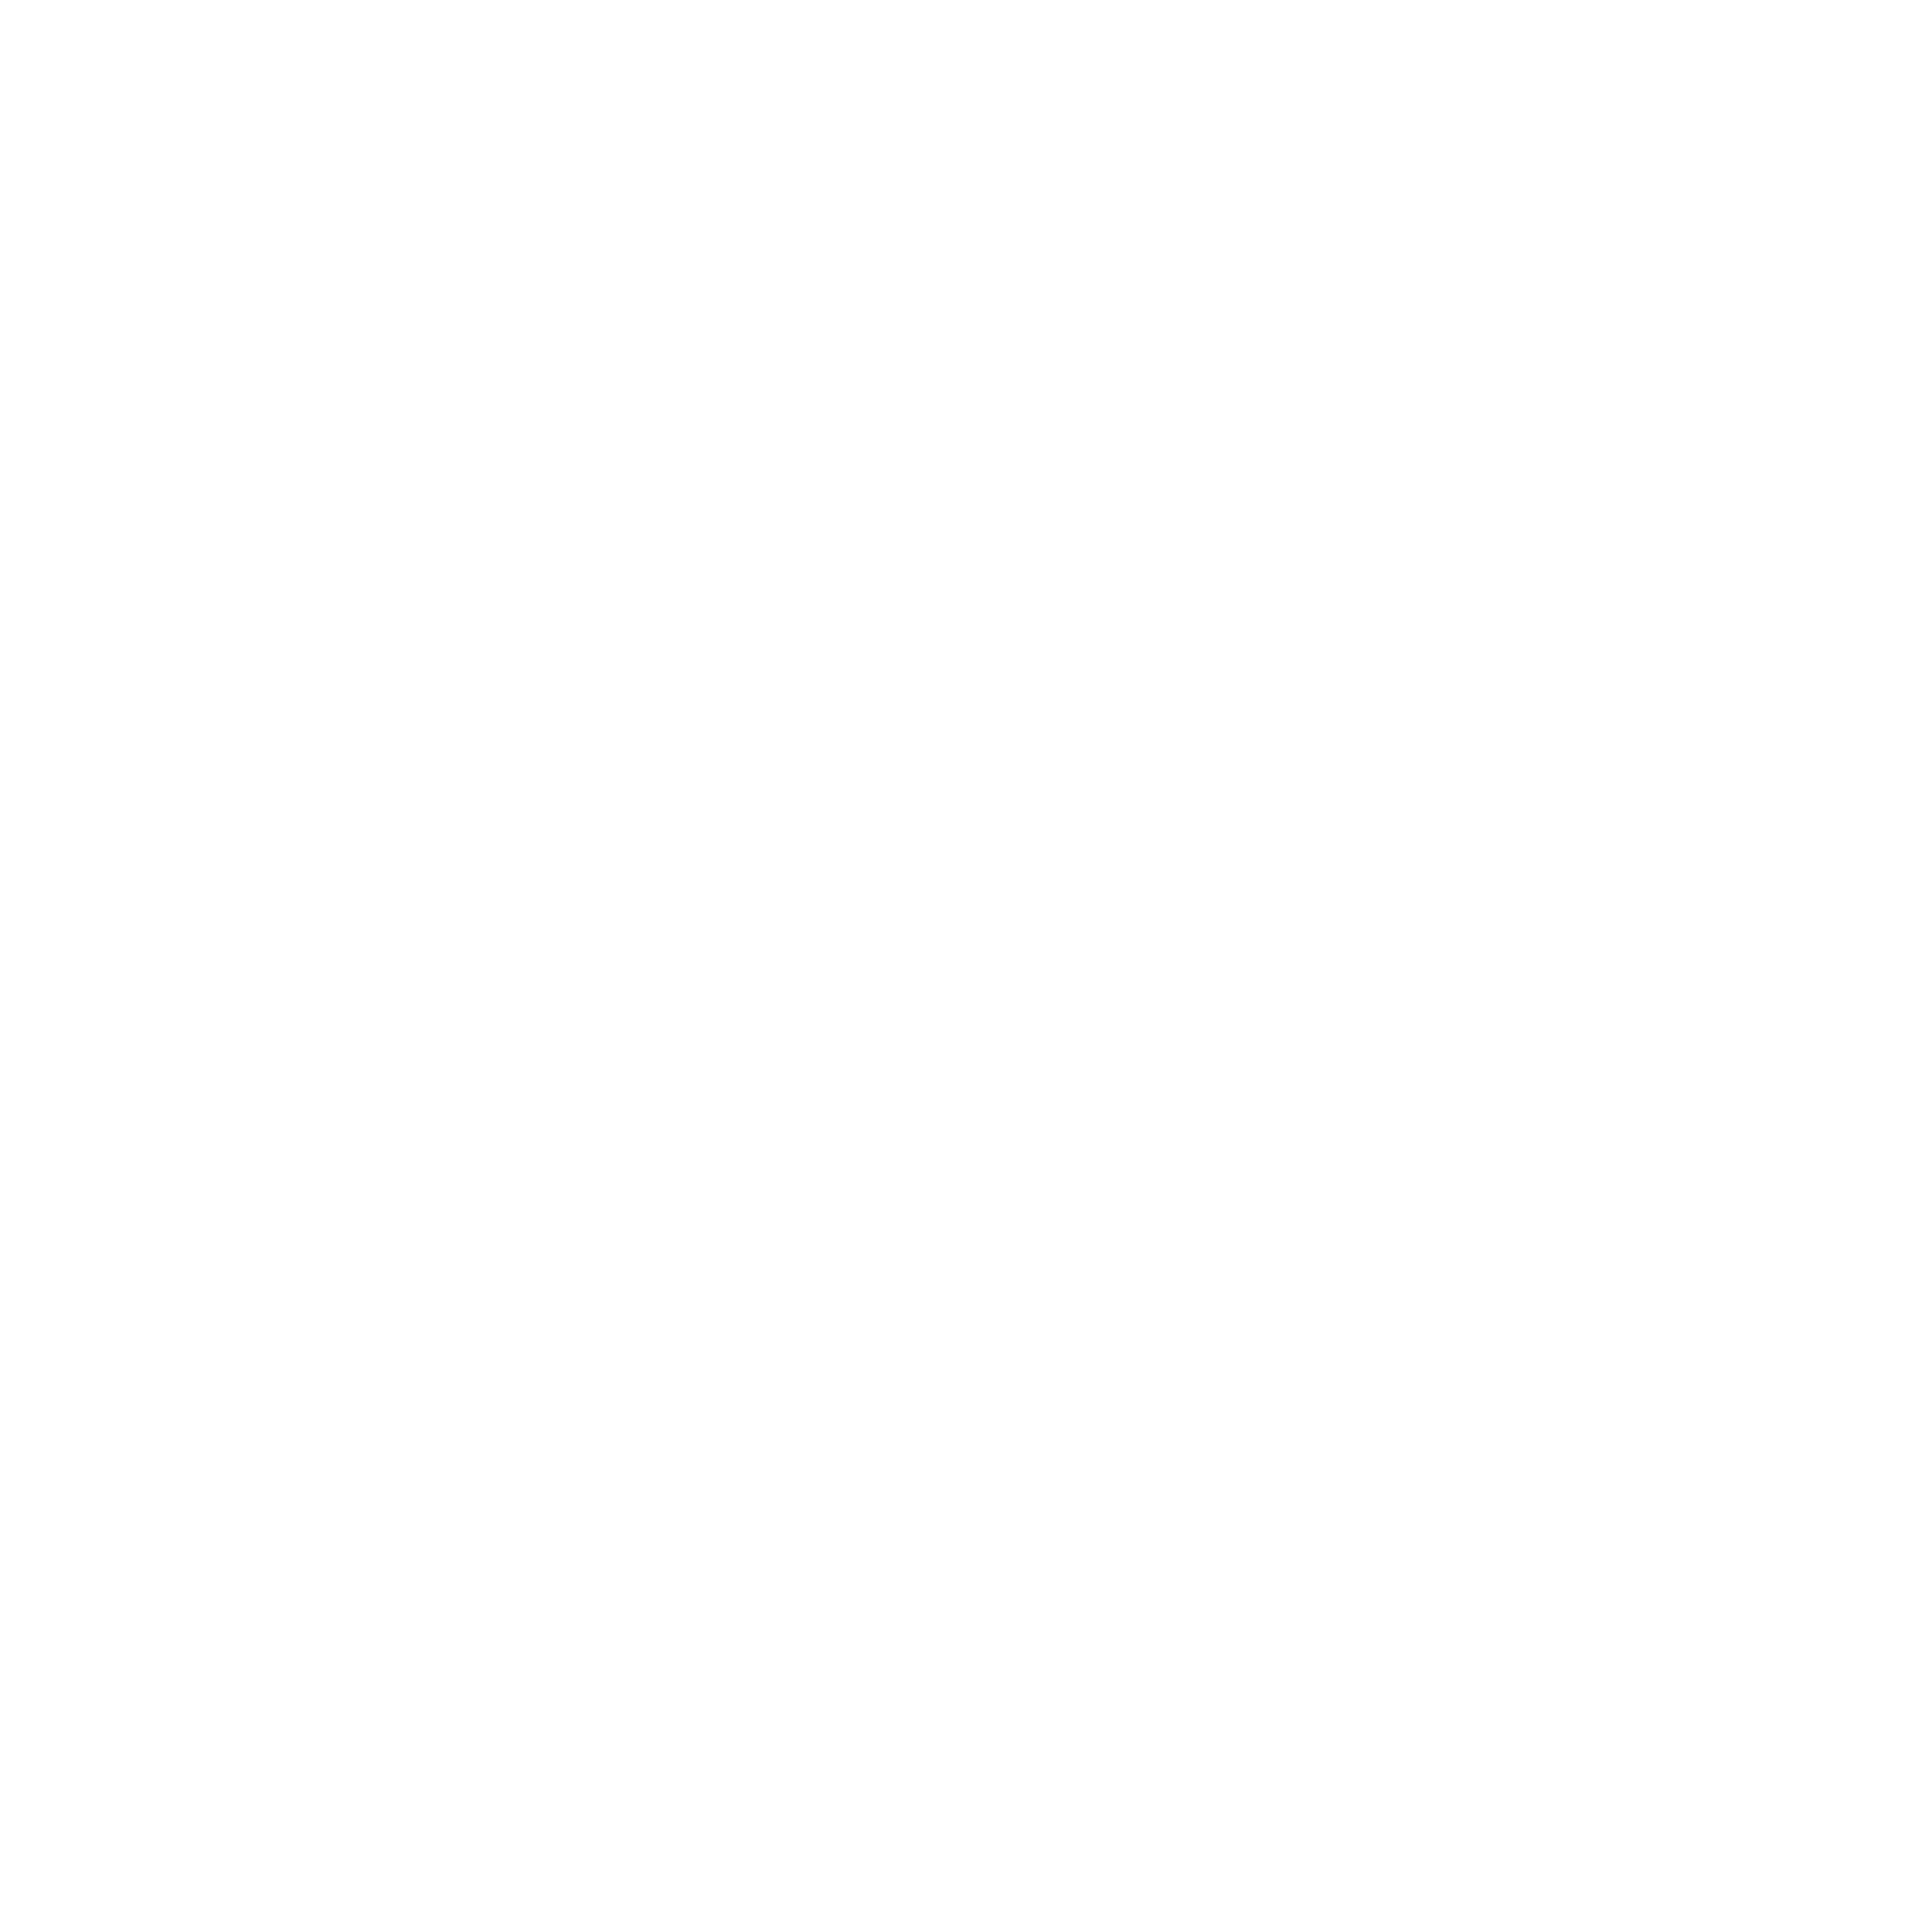 Les meilleures marques pour affronter vos WOD, peu importe d'où elles proviennent. Large choix de vêtements, accessoires et nutrition au rapport qualité / prix imbattable.